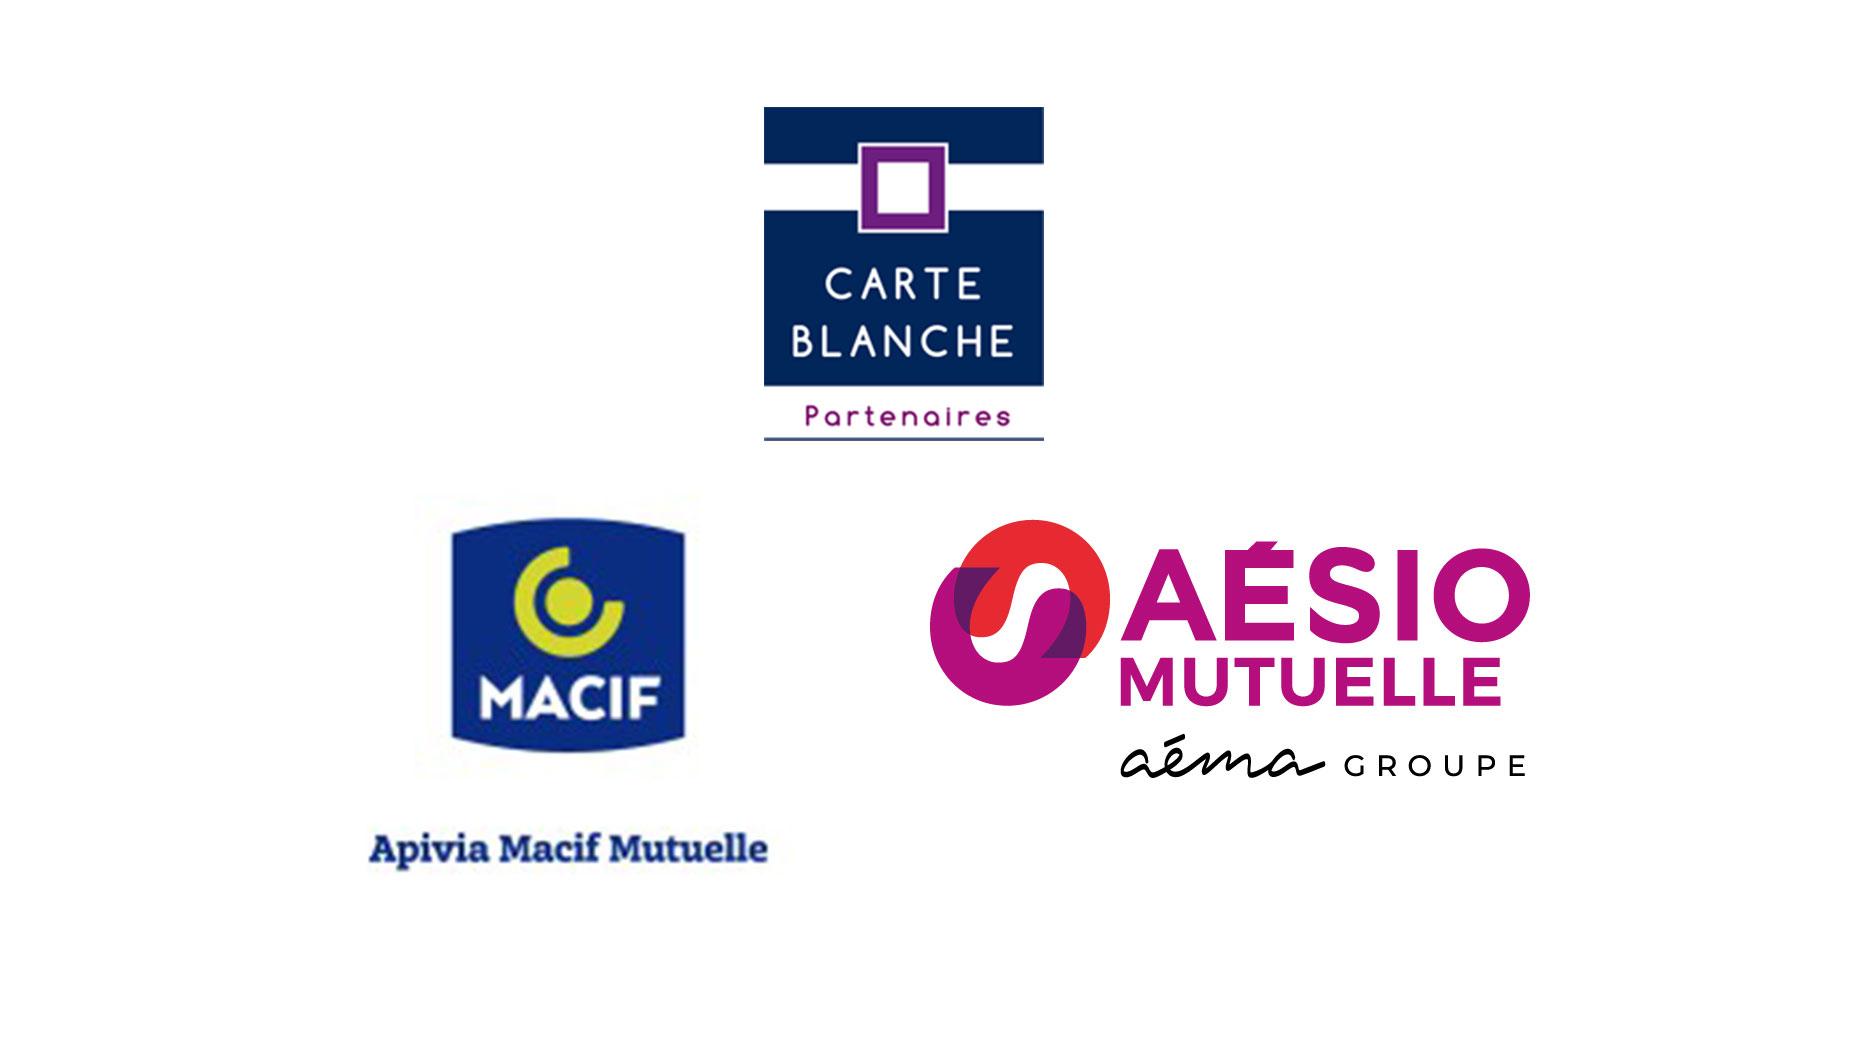 Carte blanche вакансии работа для девушек в тамбове без опыта работы